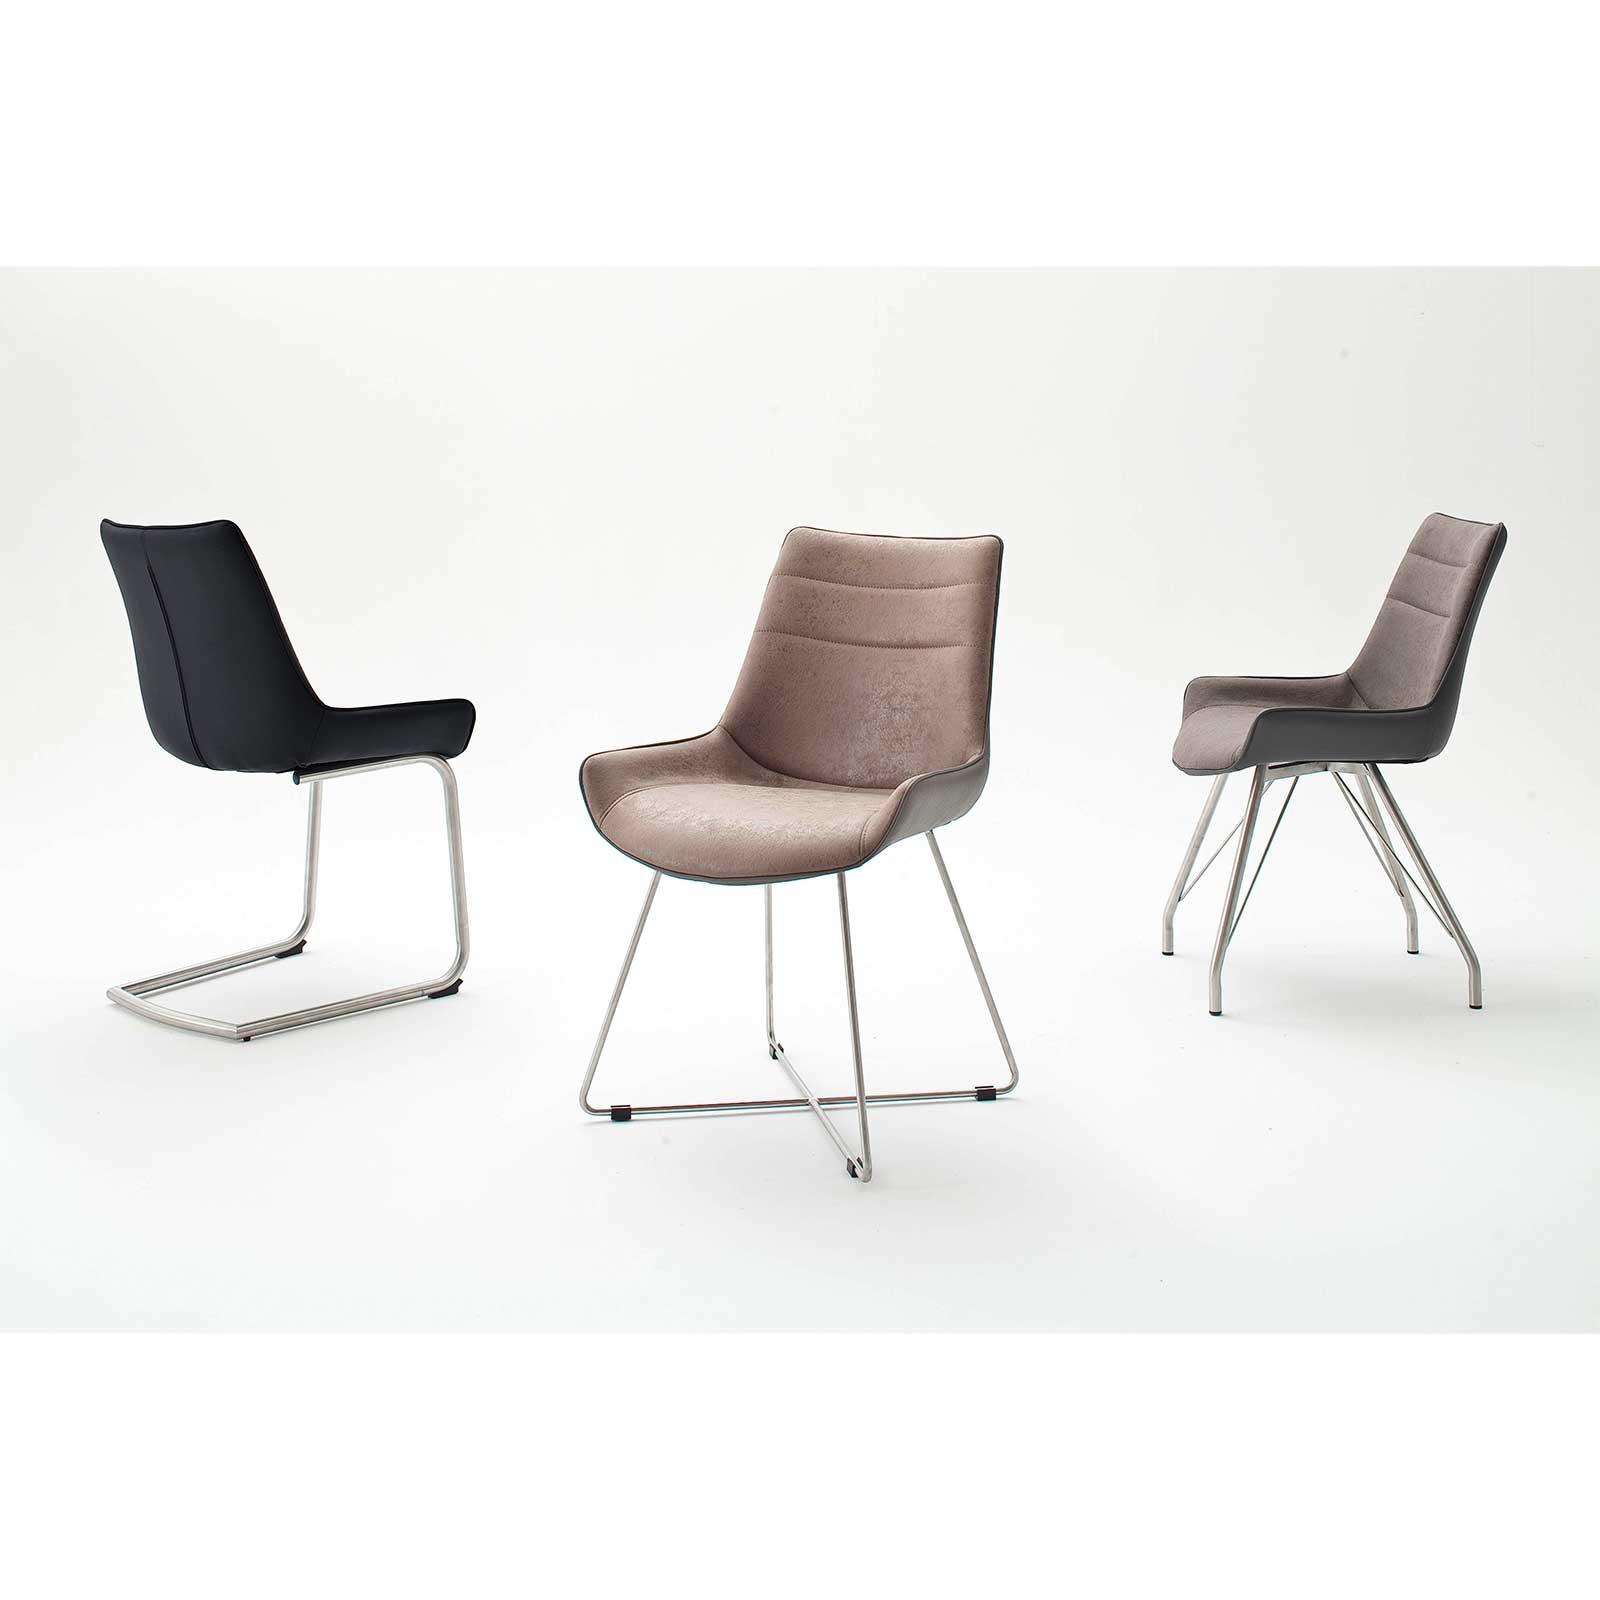 Stuhl Danita B in verschiedenen Farben und Gestellen